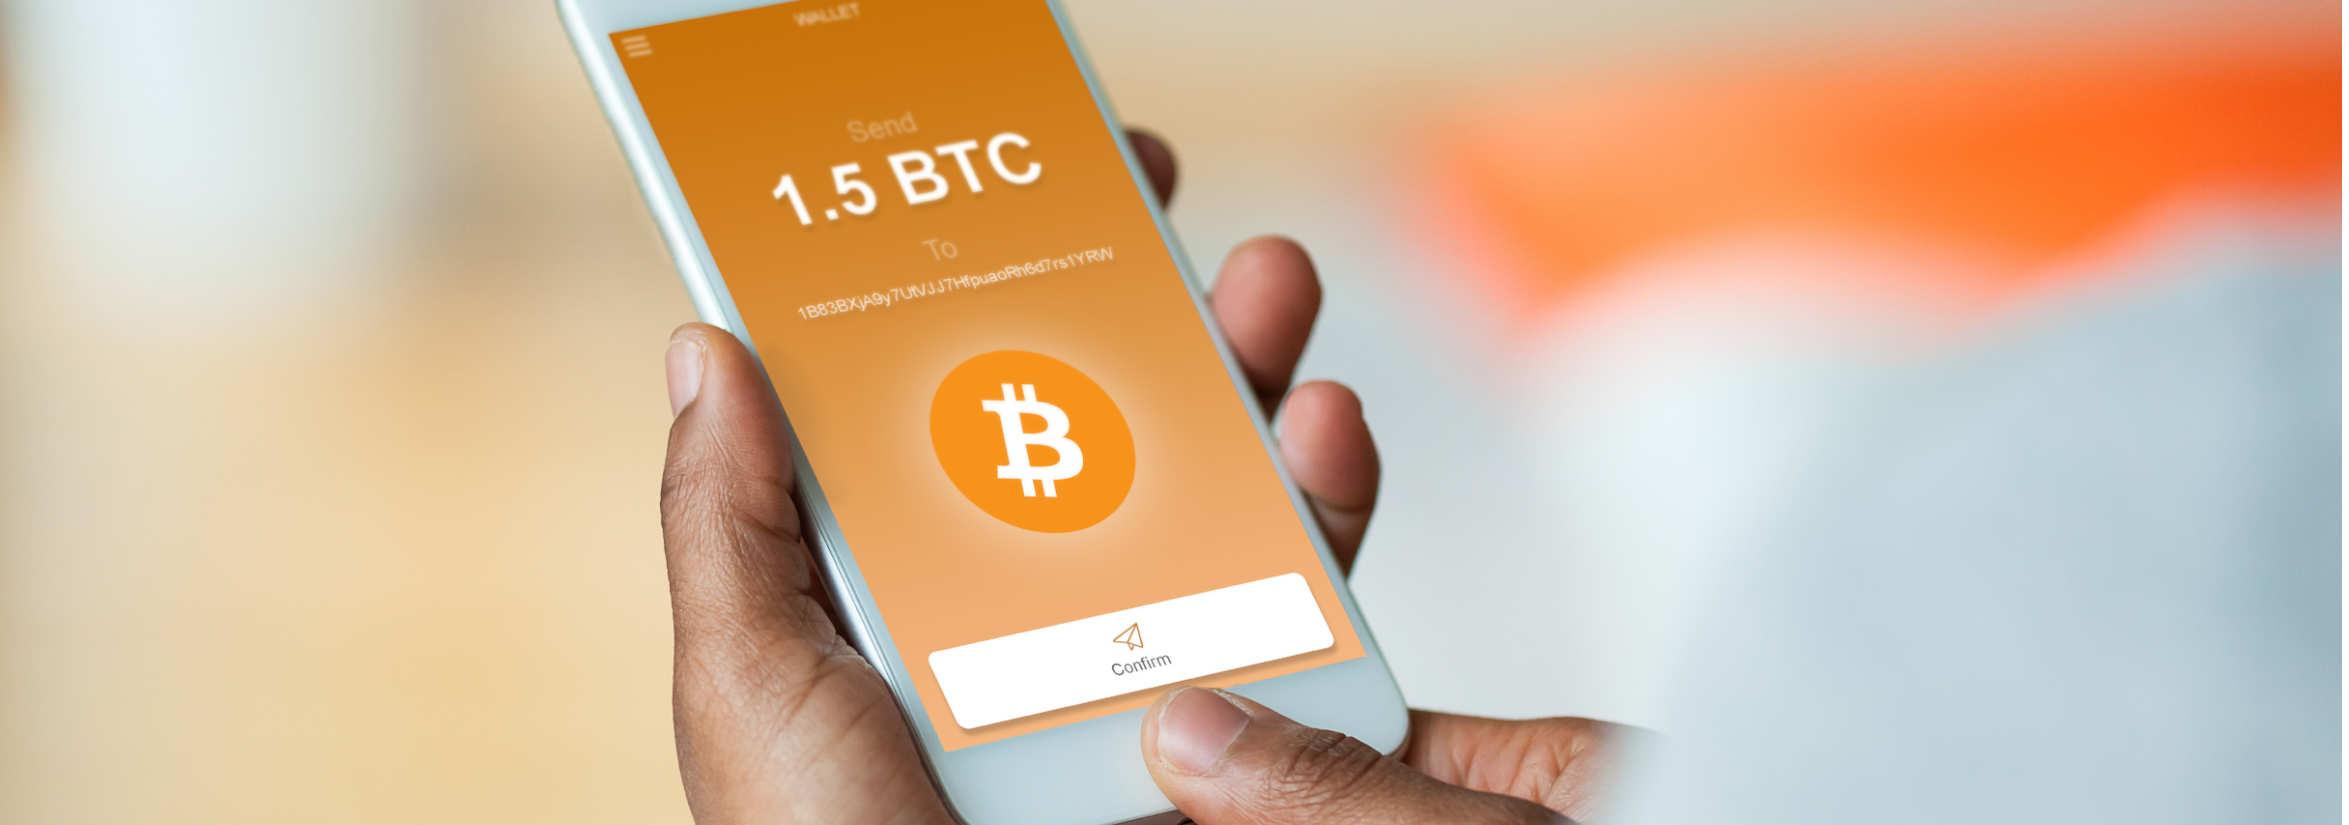 Uso de criptomoedas para remessas está ficando mais popular